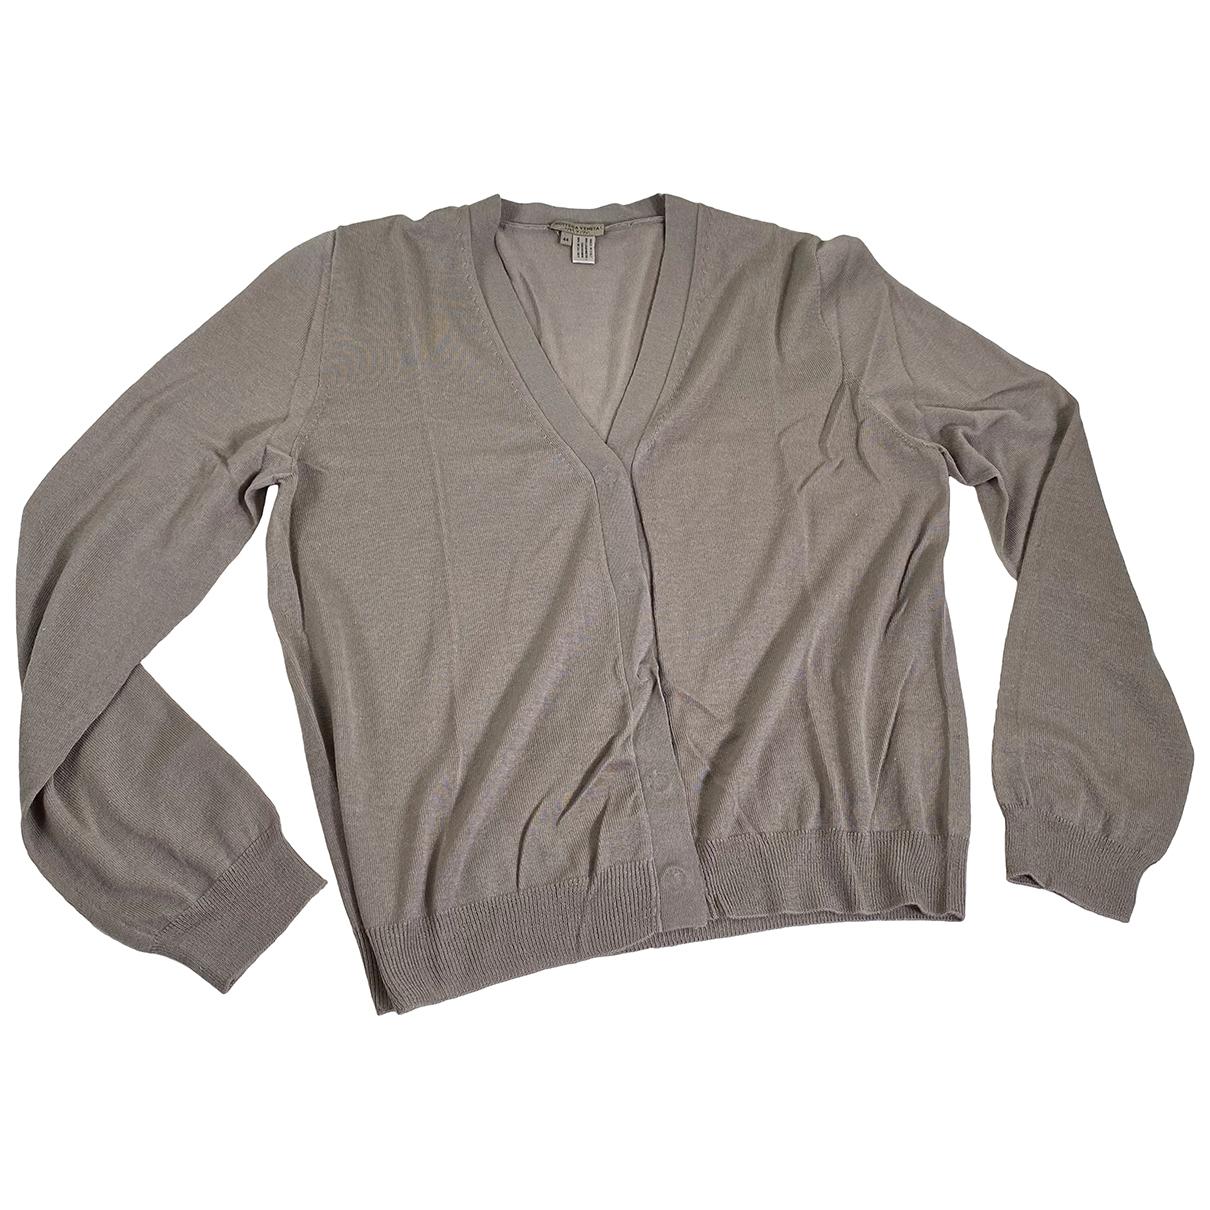 Bottega Veneta - Pull   pour femme en cachemire - beige